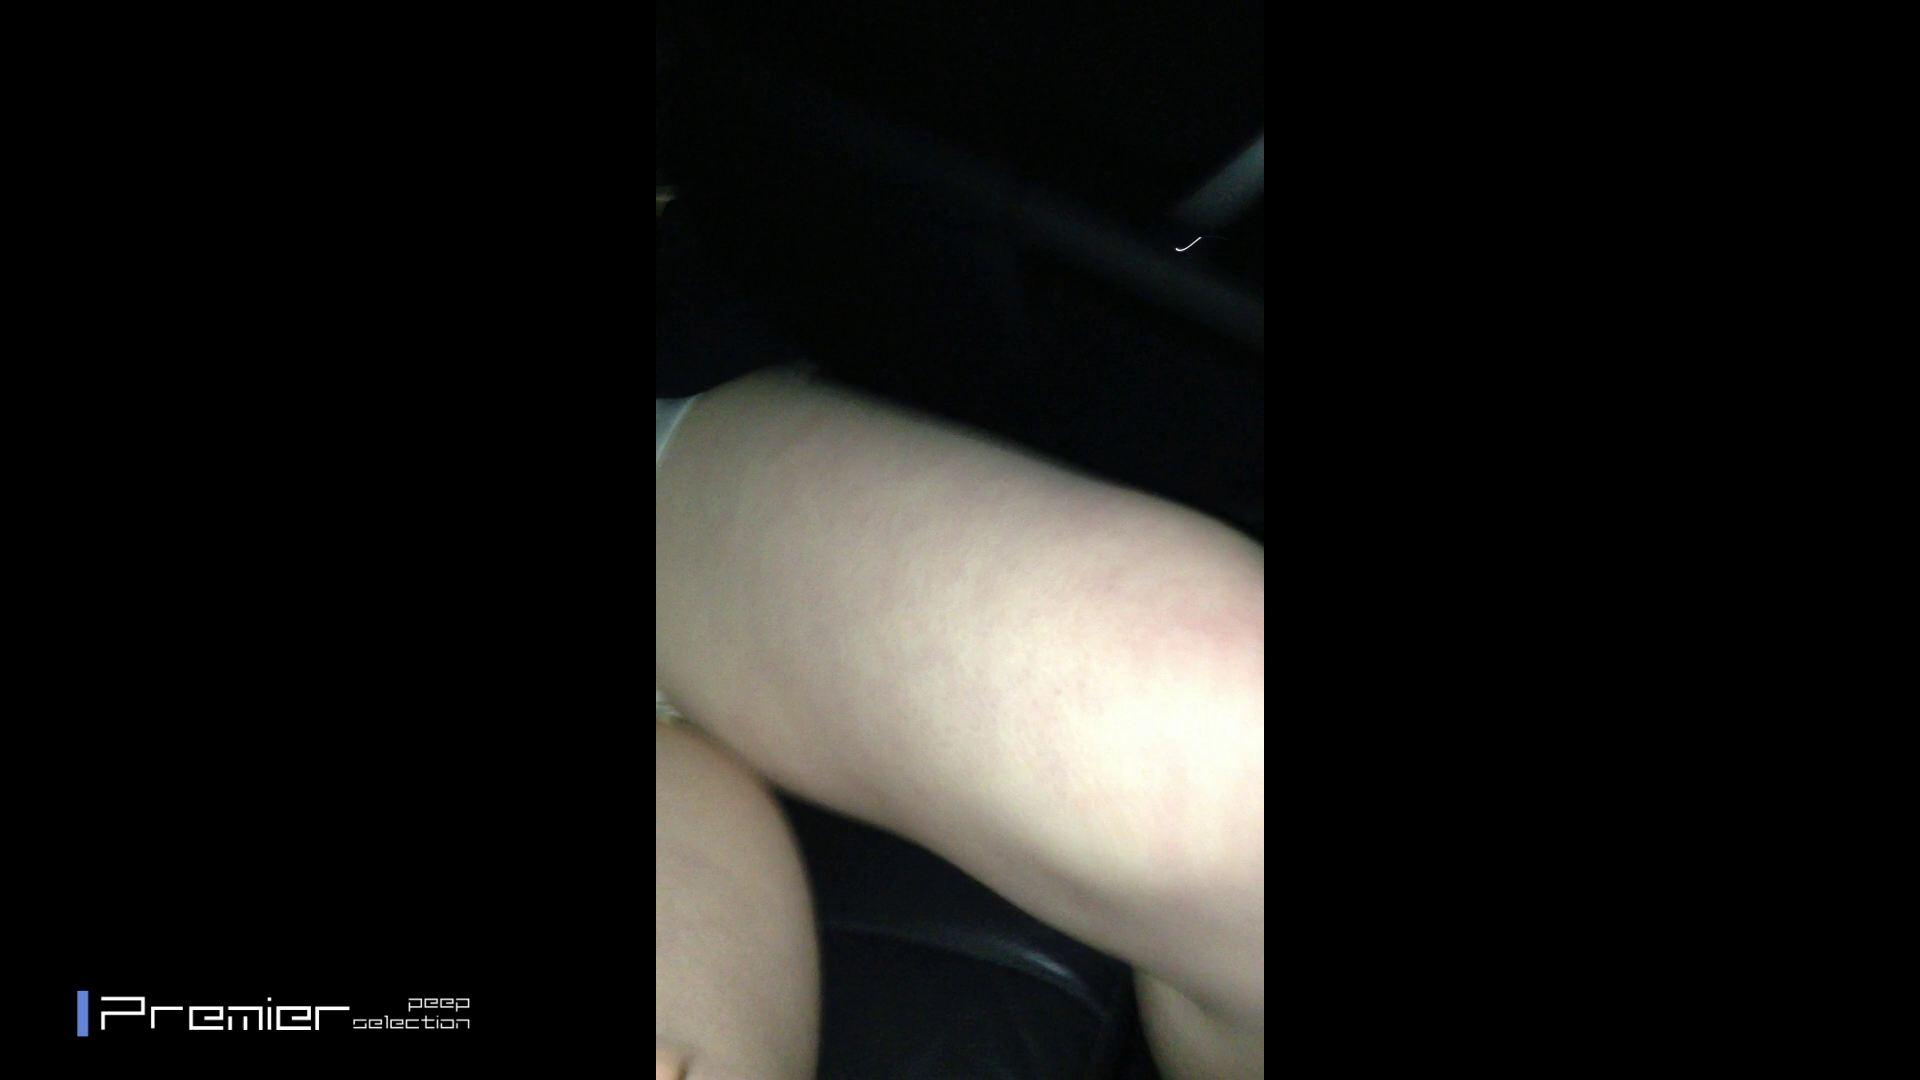 【ガチ交渉】20 歳の清楚系女子大生のアソコを弄る 美乳 すけべAV動画紹介 78枚 41